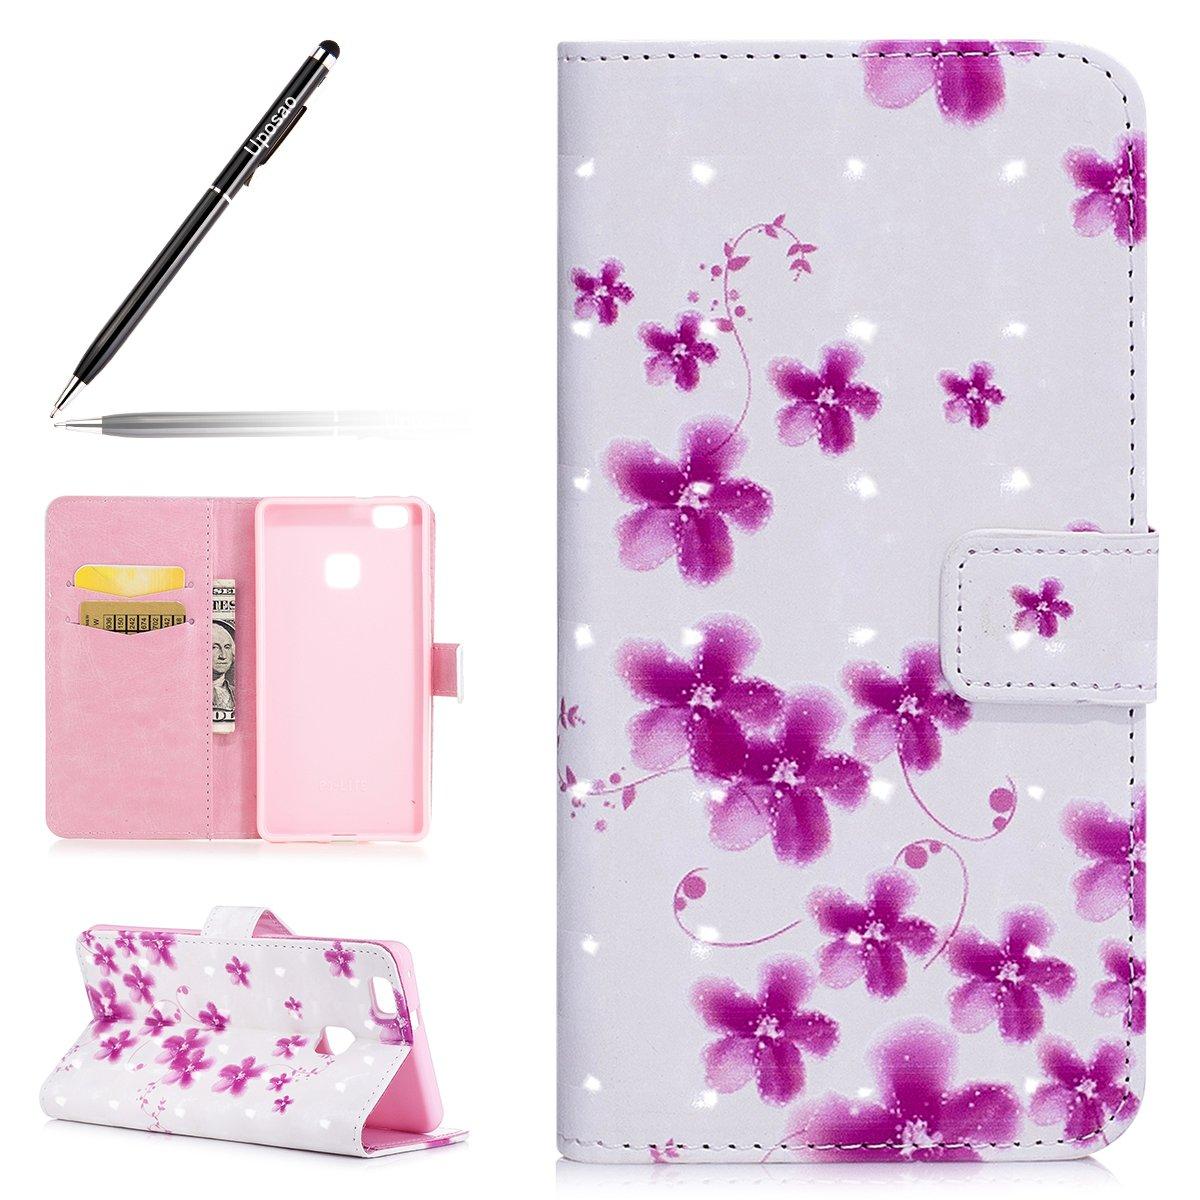 Uposao Etui Huawei P9 Lite Coque en PU, Pochette Portefeuille en Cuir Coque de Protection,Stand Housse Magnetique Etui Rabat 3D Effet Motif Coloré Mandala Fleur Flamingo Coque Huawei P9 Lite.